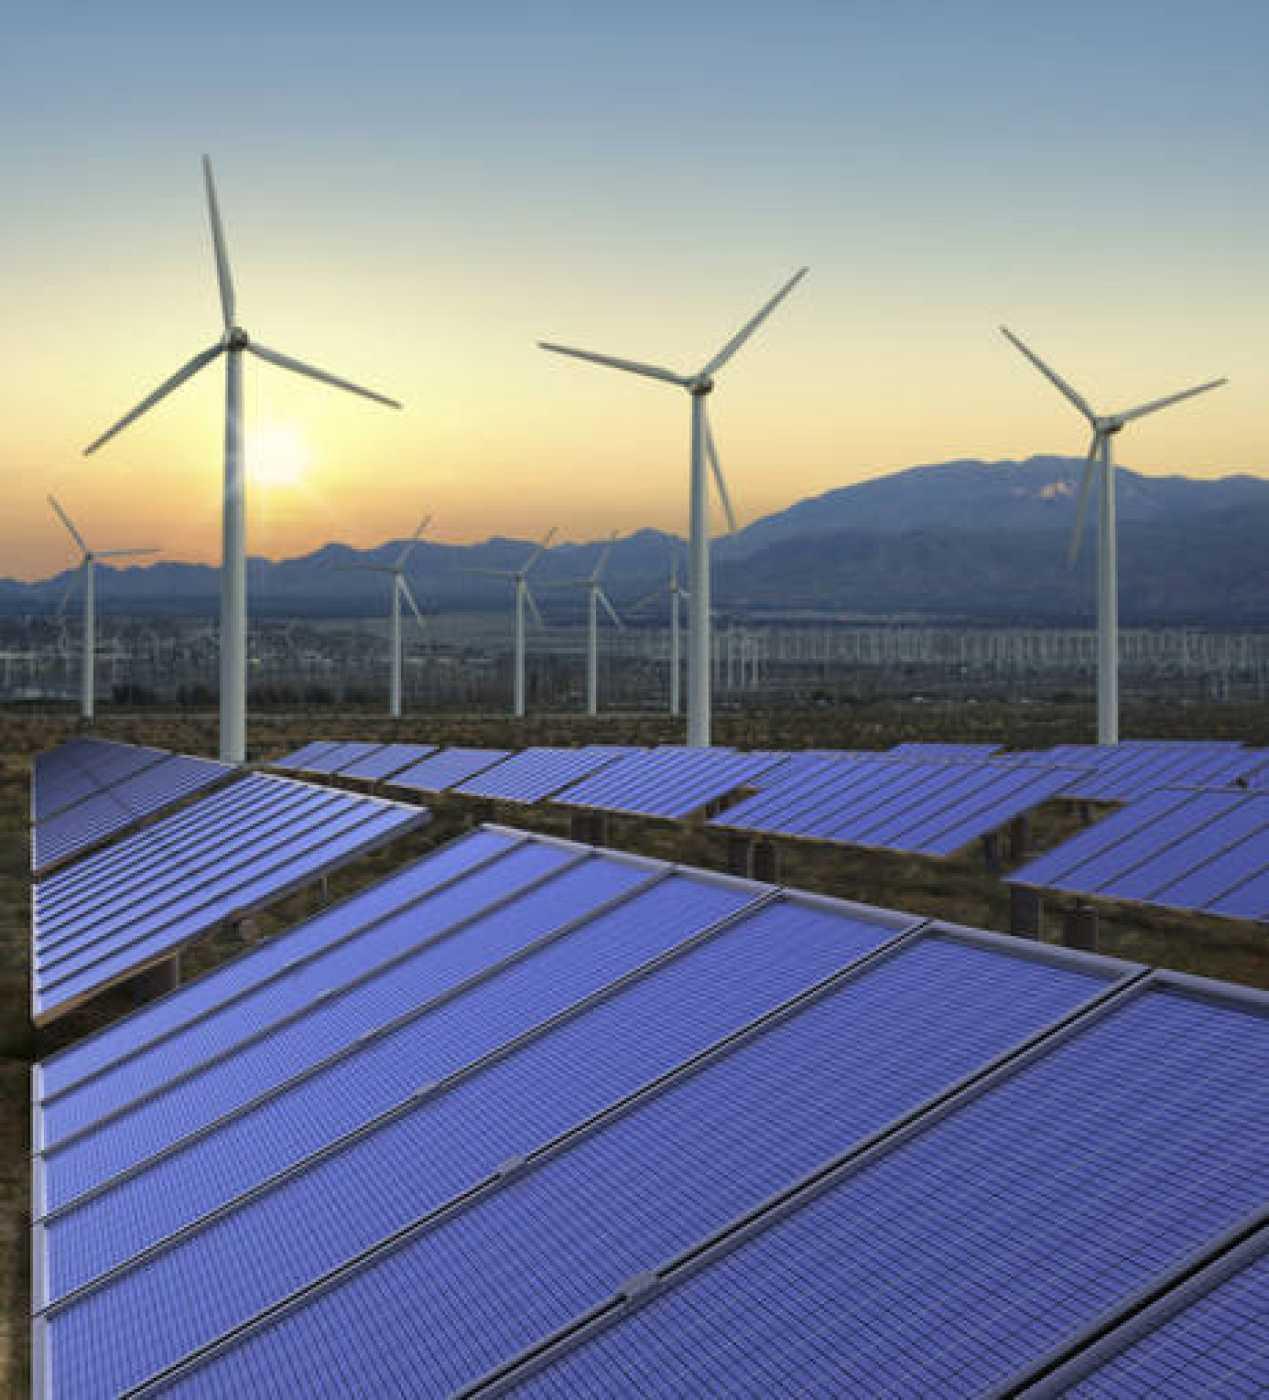 En 2013 España se convirtió en el primer país del mundo en el que la energía eólica se situaba como la primera tecnología de generación de electricidad